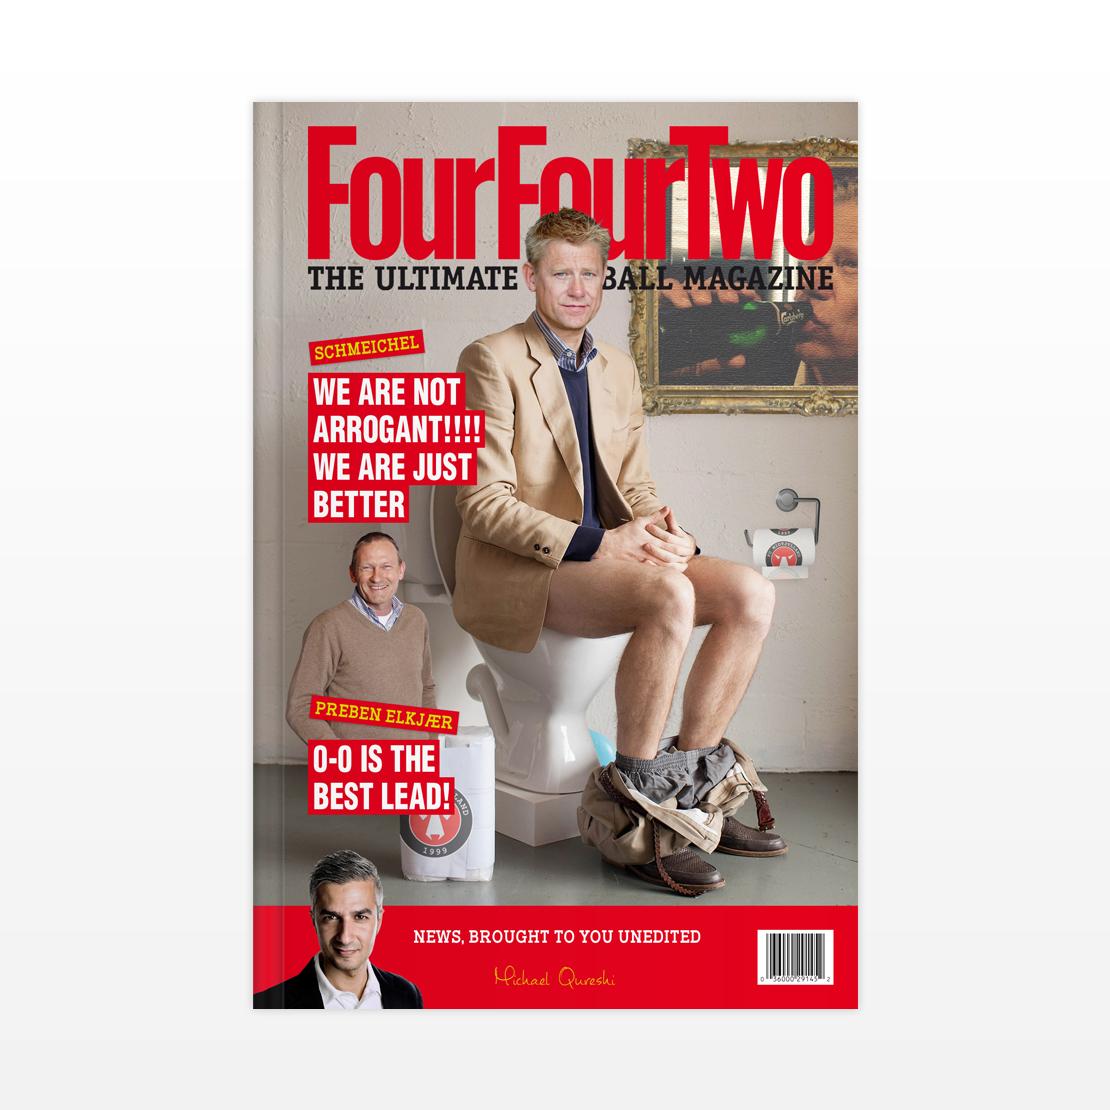 Schmeichel-preben-elkjaer-magazine-cover